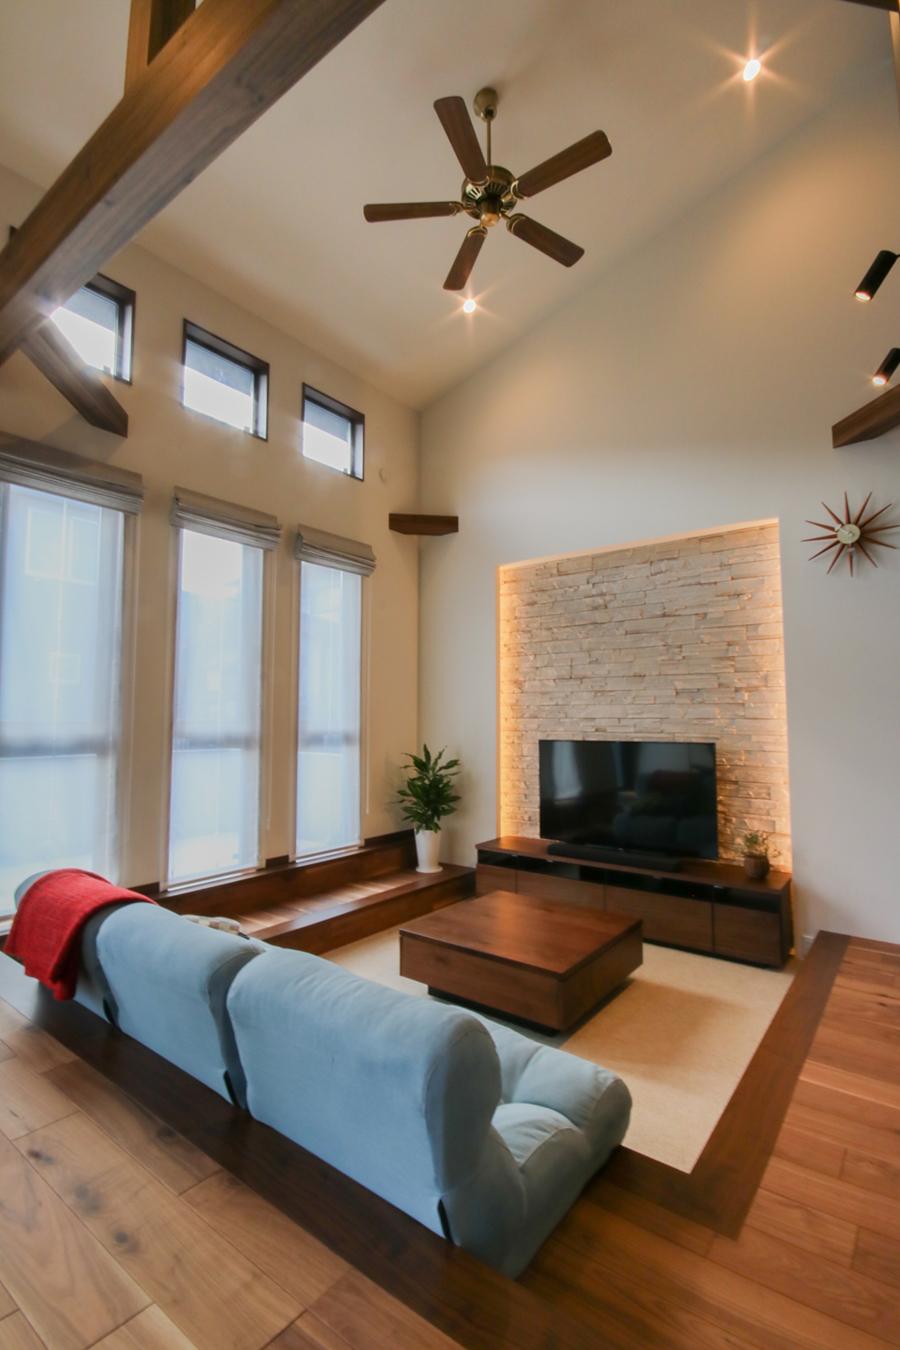 勾配天井と吹き抜けの開放感のあるリビング